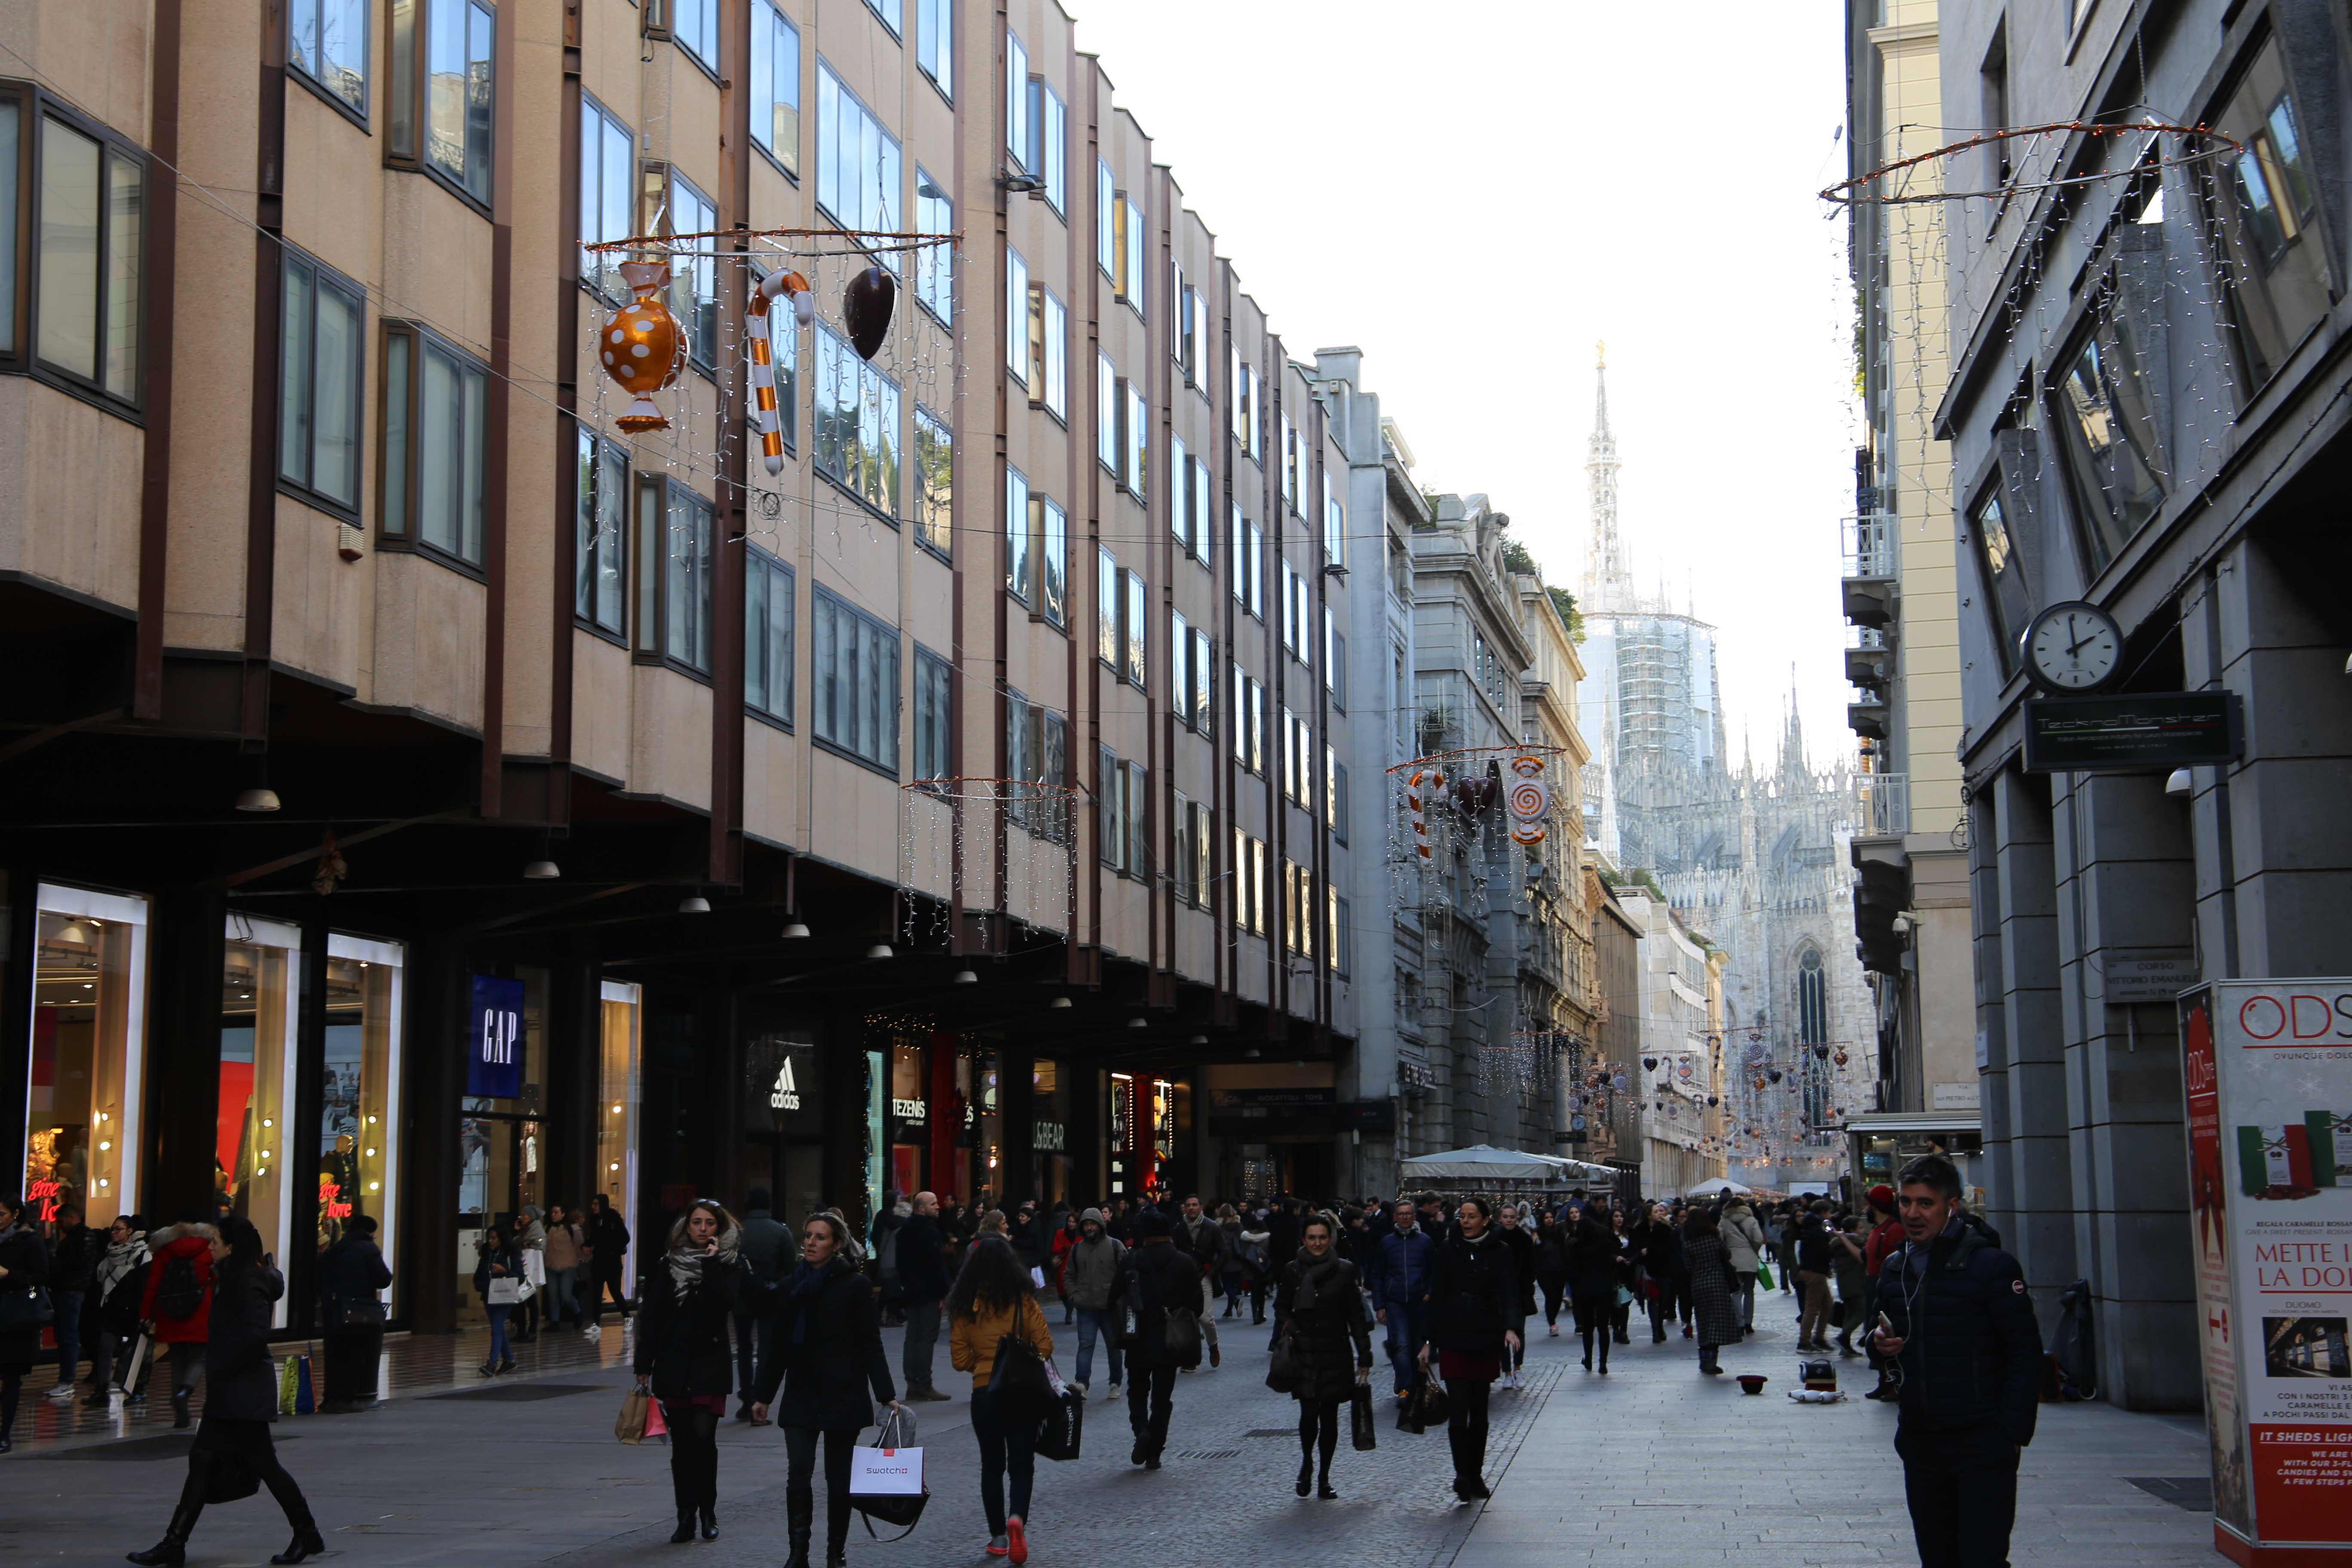 Corso_Vittorio_Emanuele_II_Mailand_Shoppen_Einkaufen_Weihnachten_Shopping_Guide